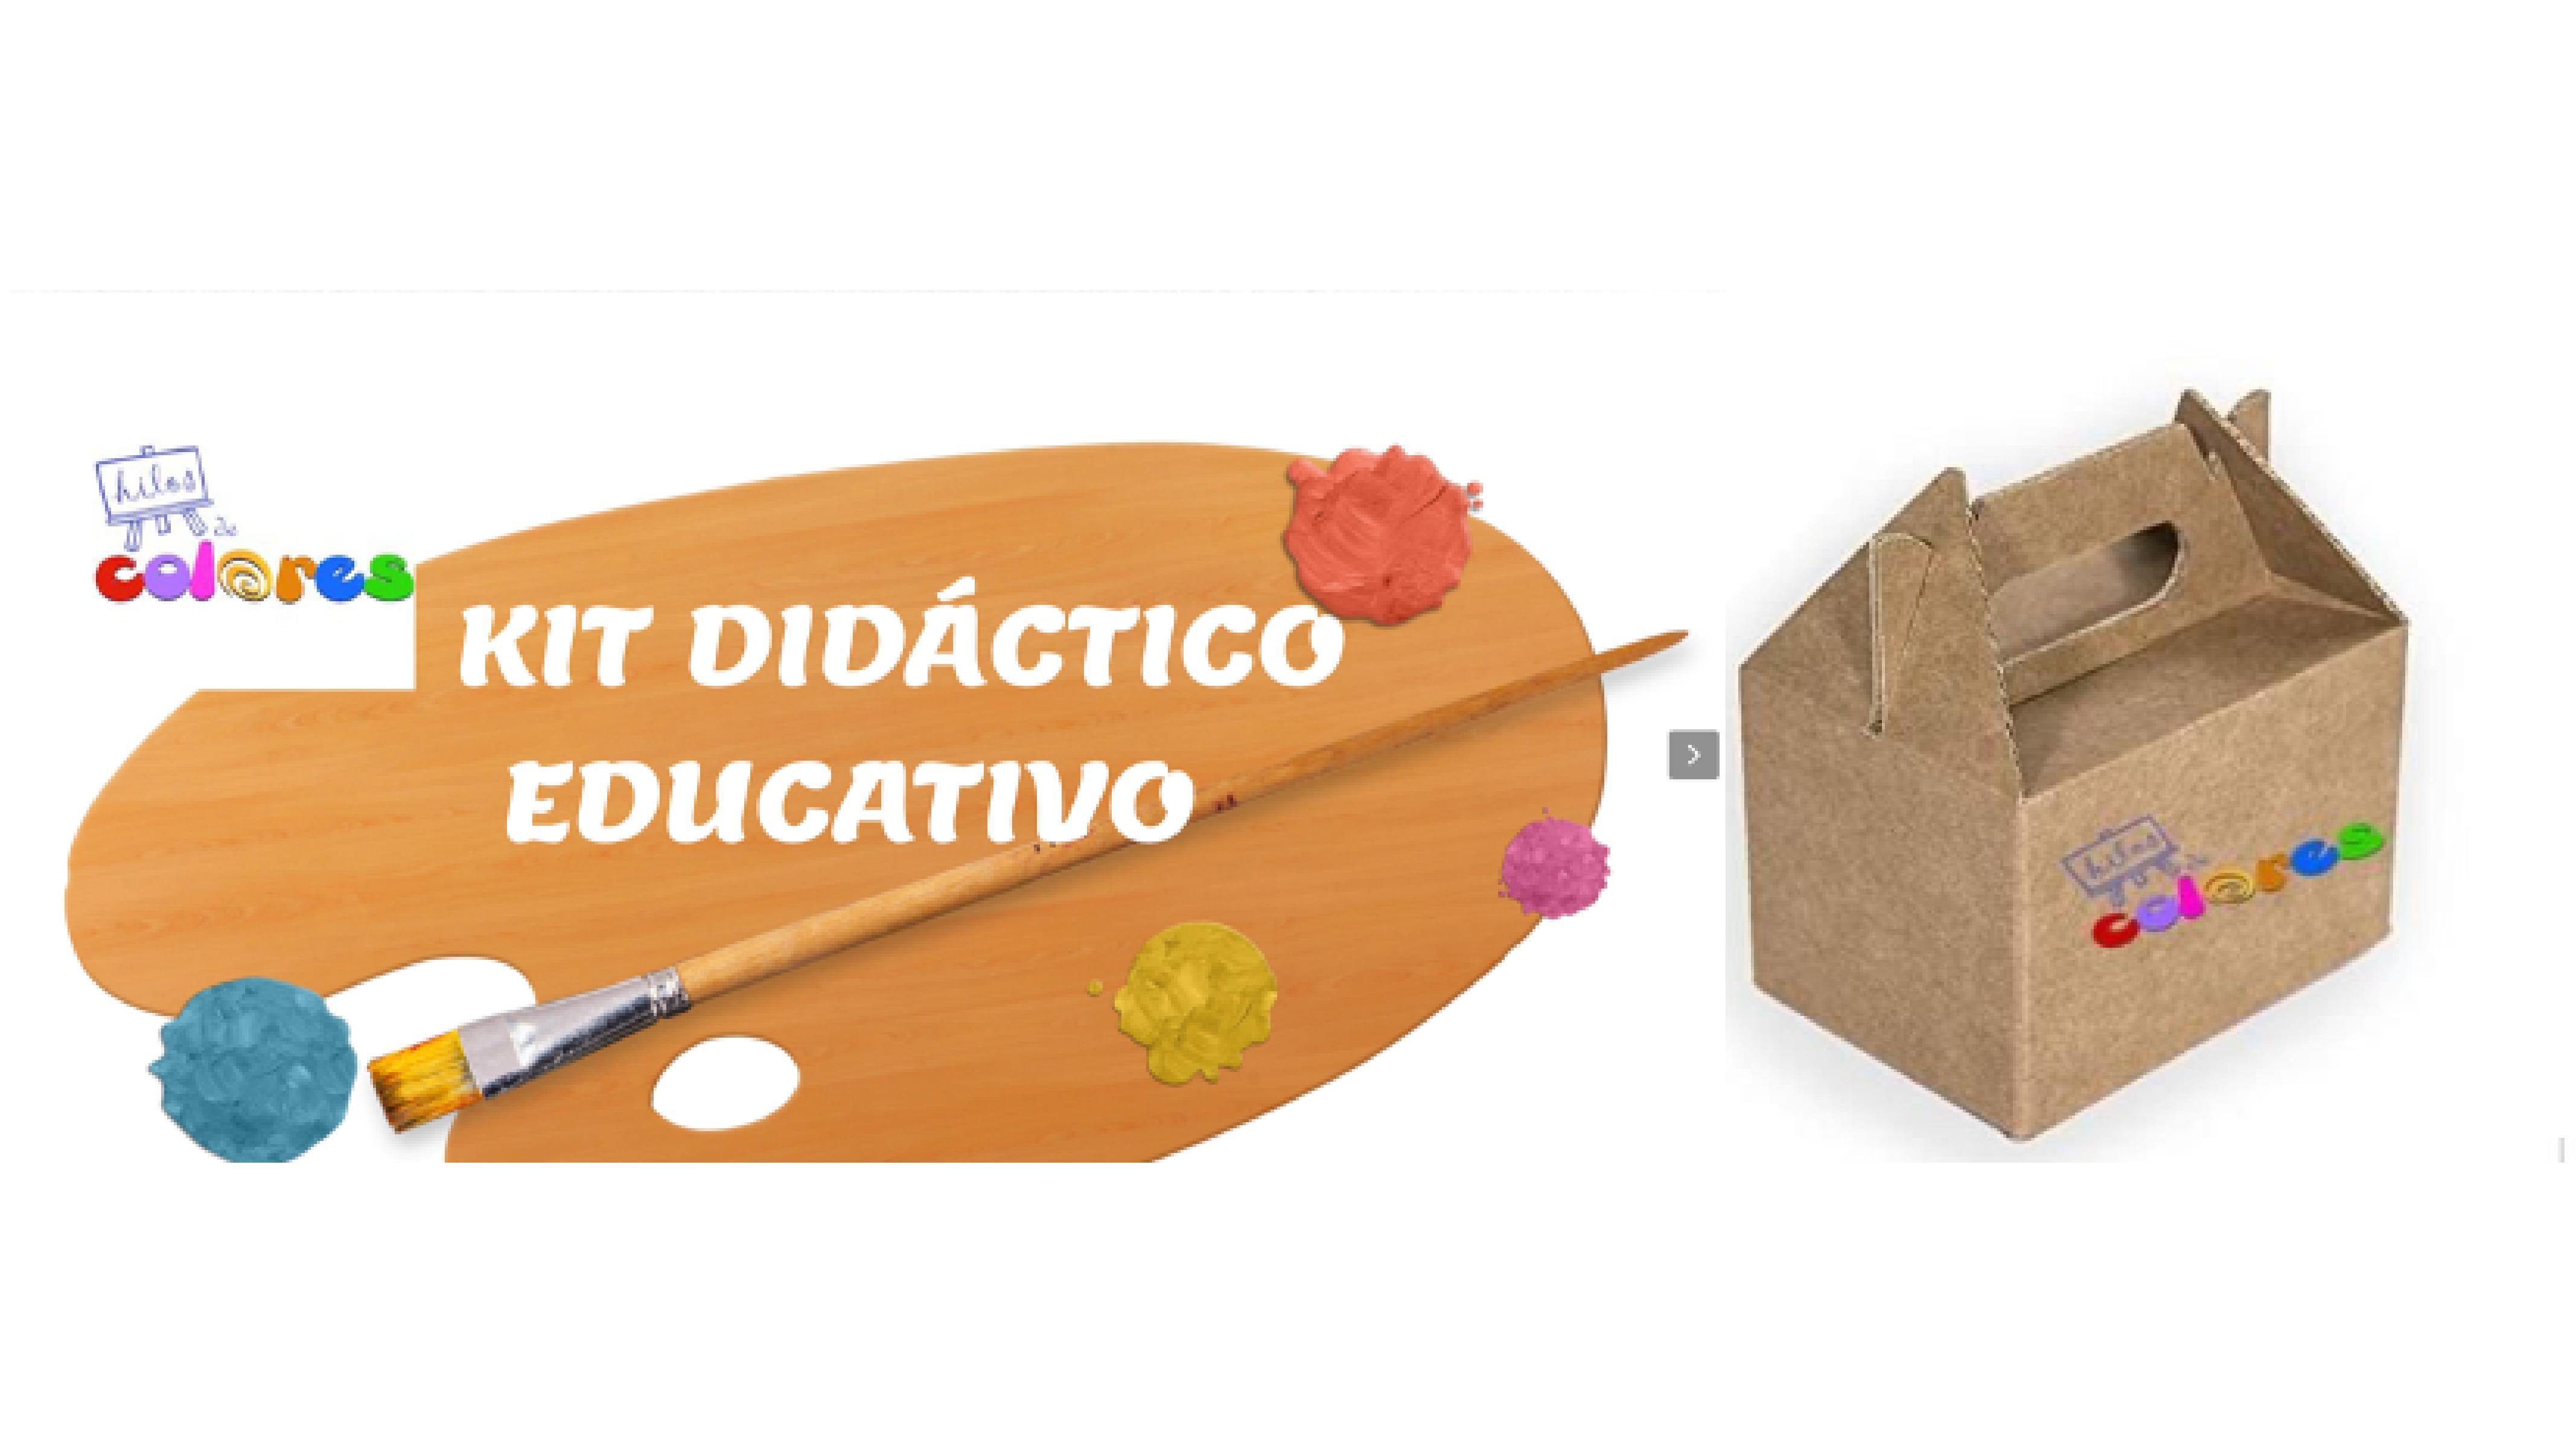 hilos-de-colores-kits-didacticos-jardin-infantil-bogota-01